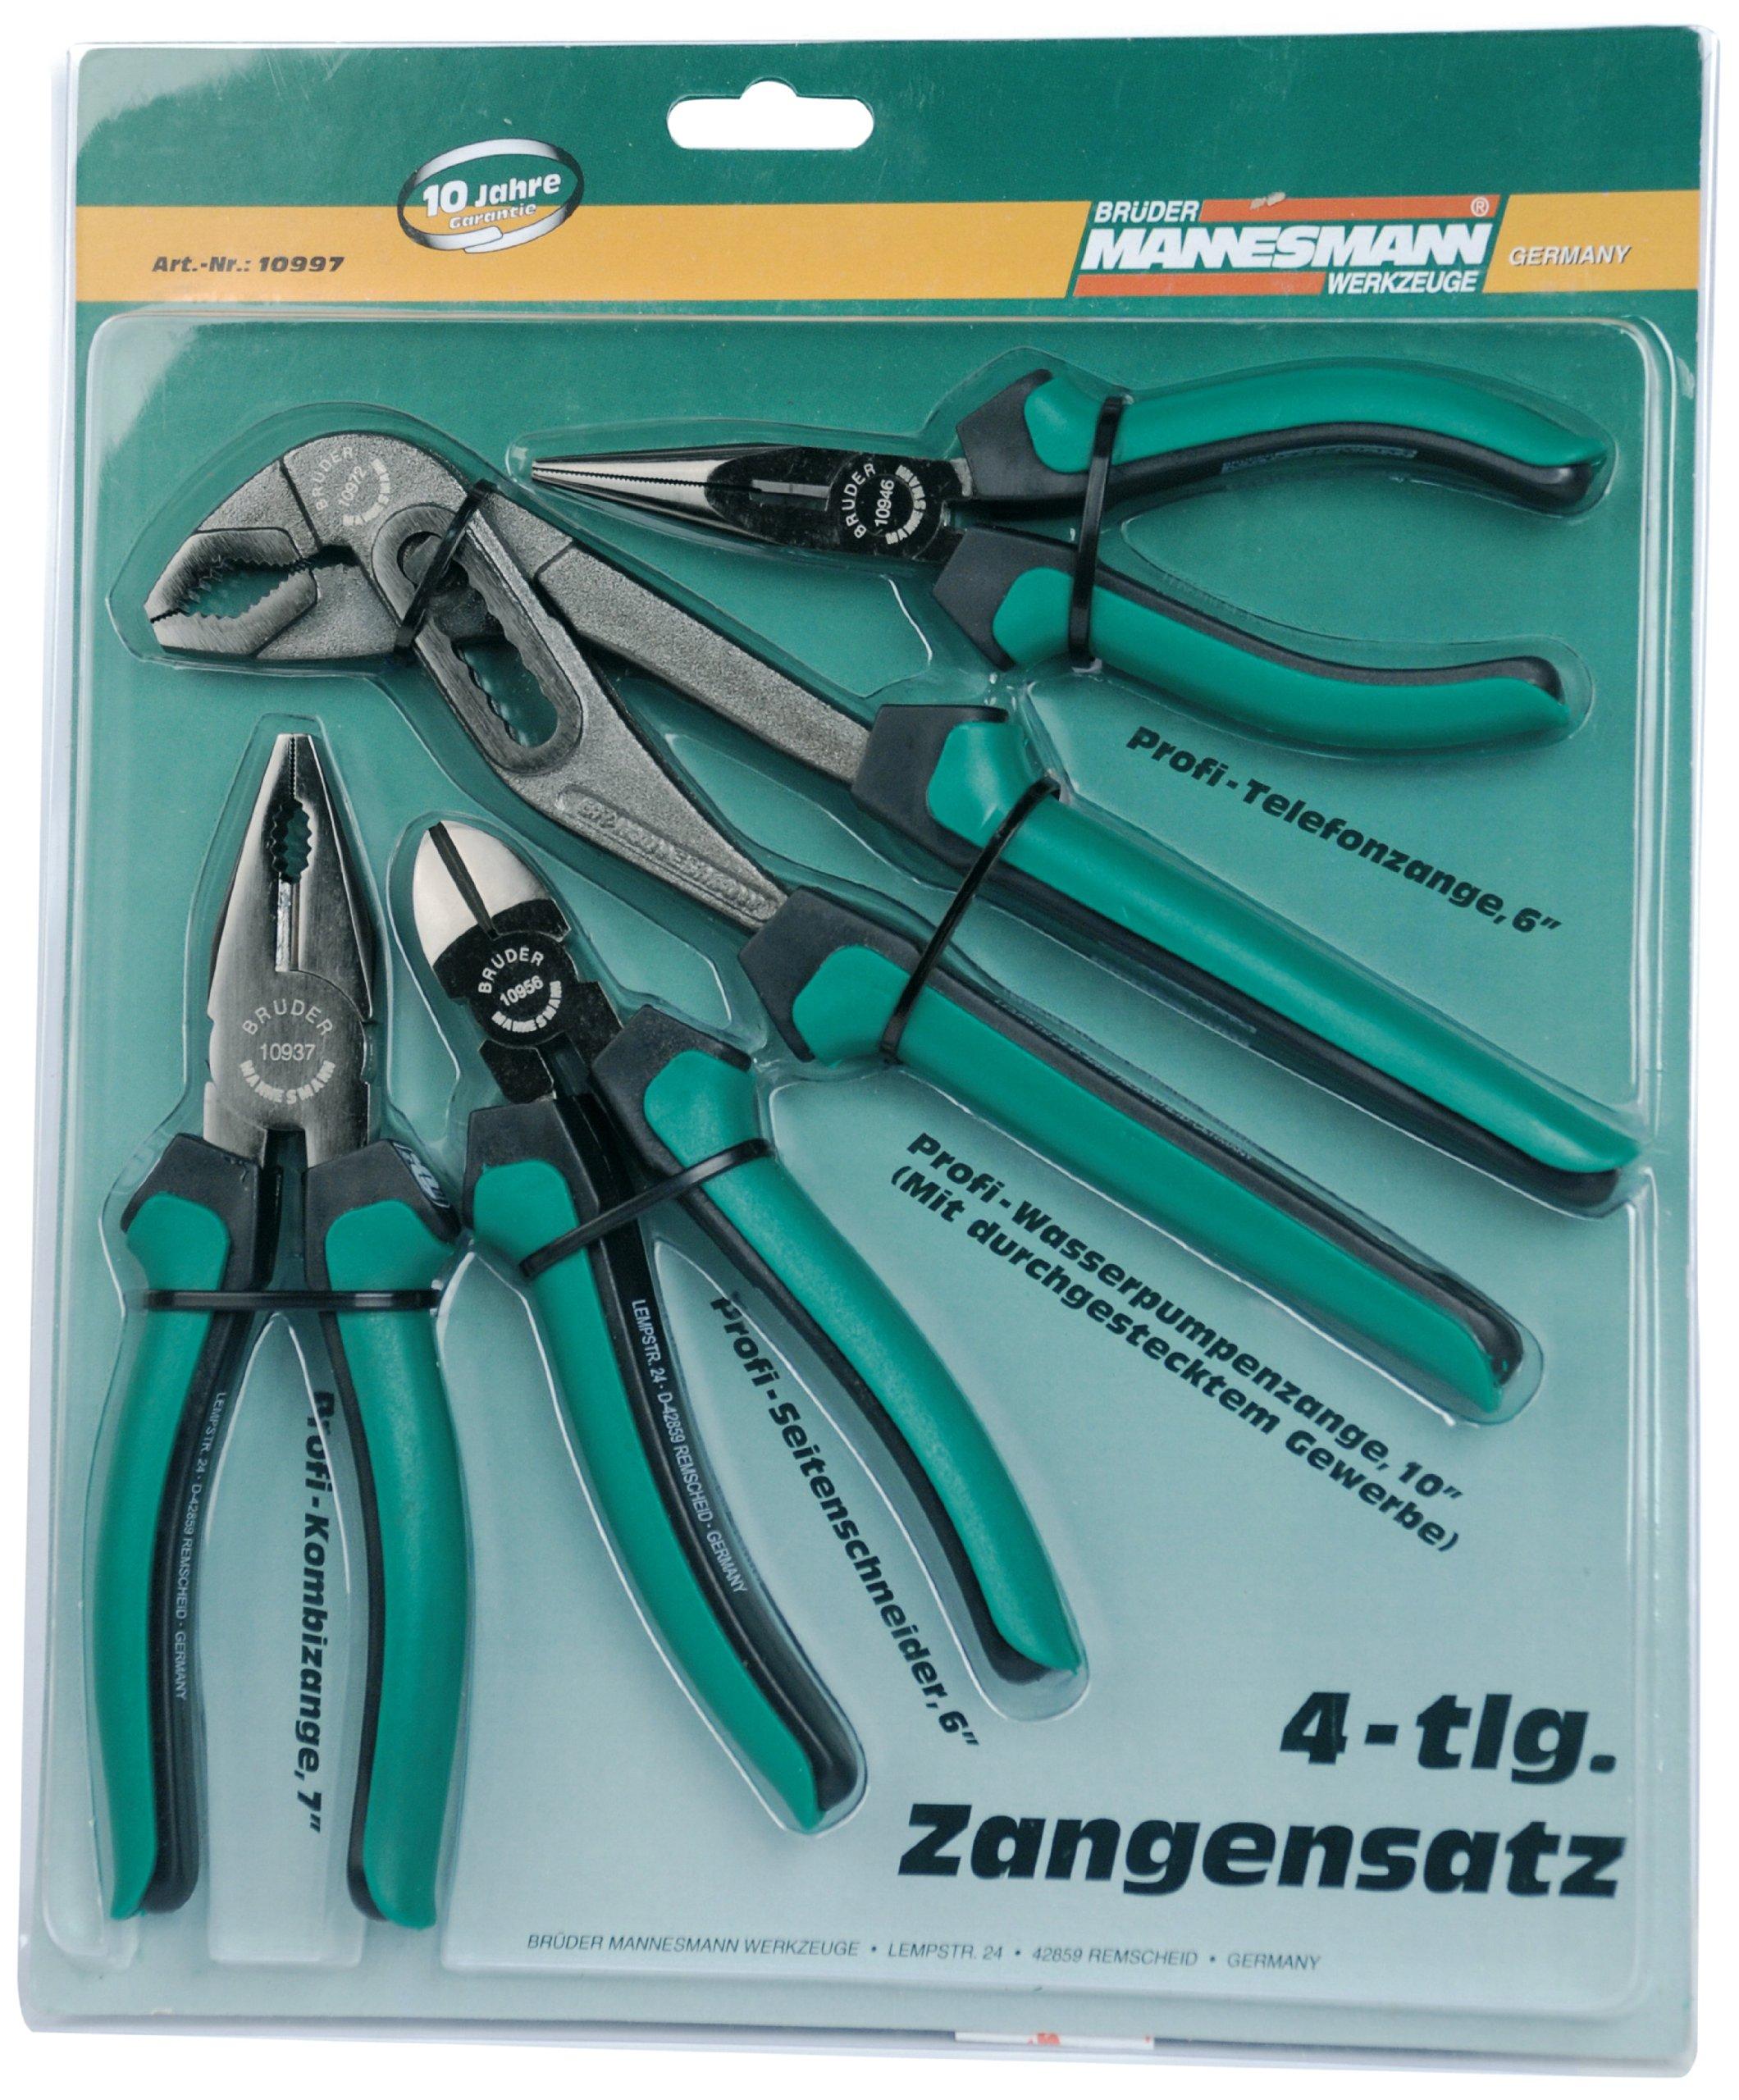 Mannesmann - M10997 - Juego de alicates de 4 piezas.: Amazon.es: Bricolaje y herramientas